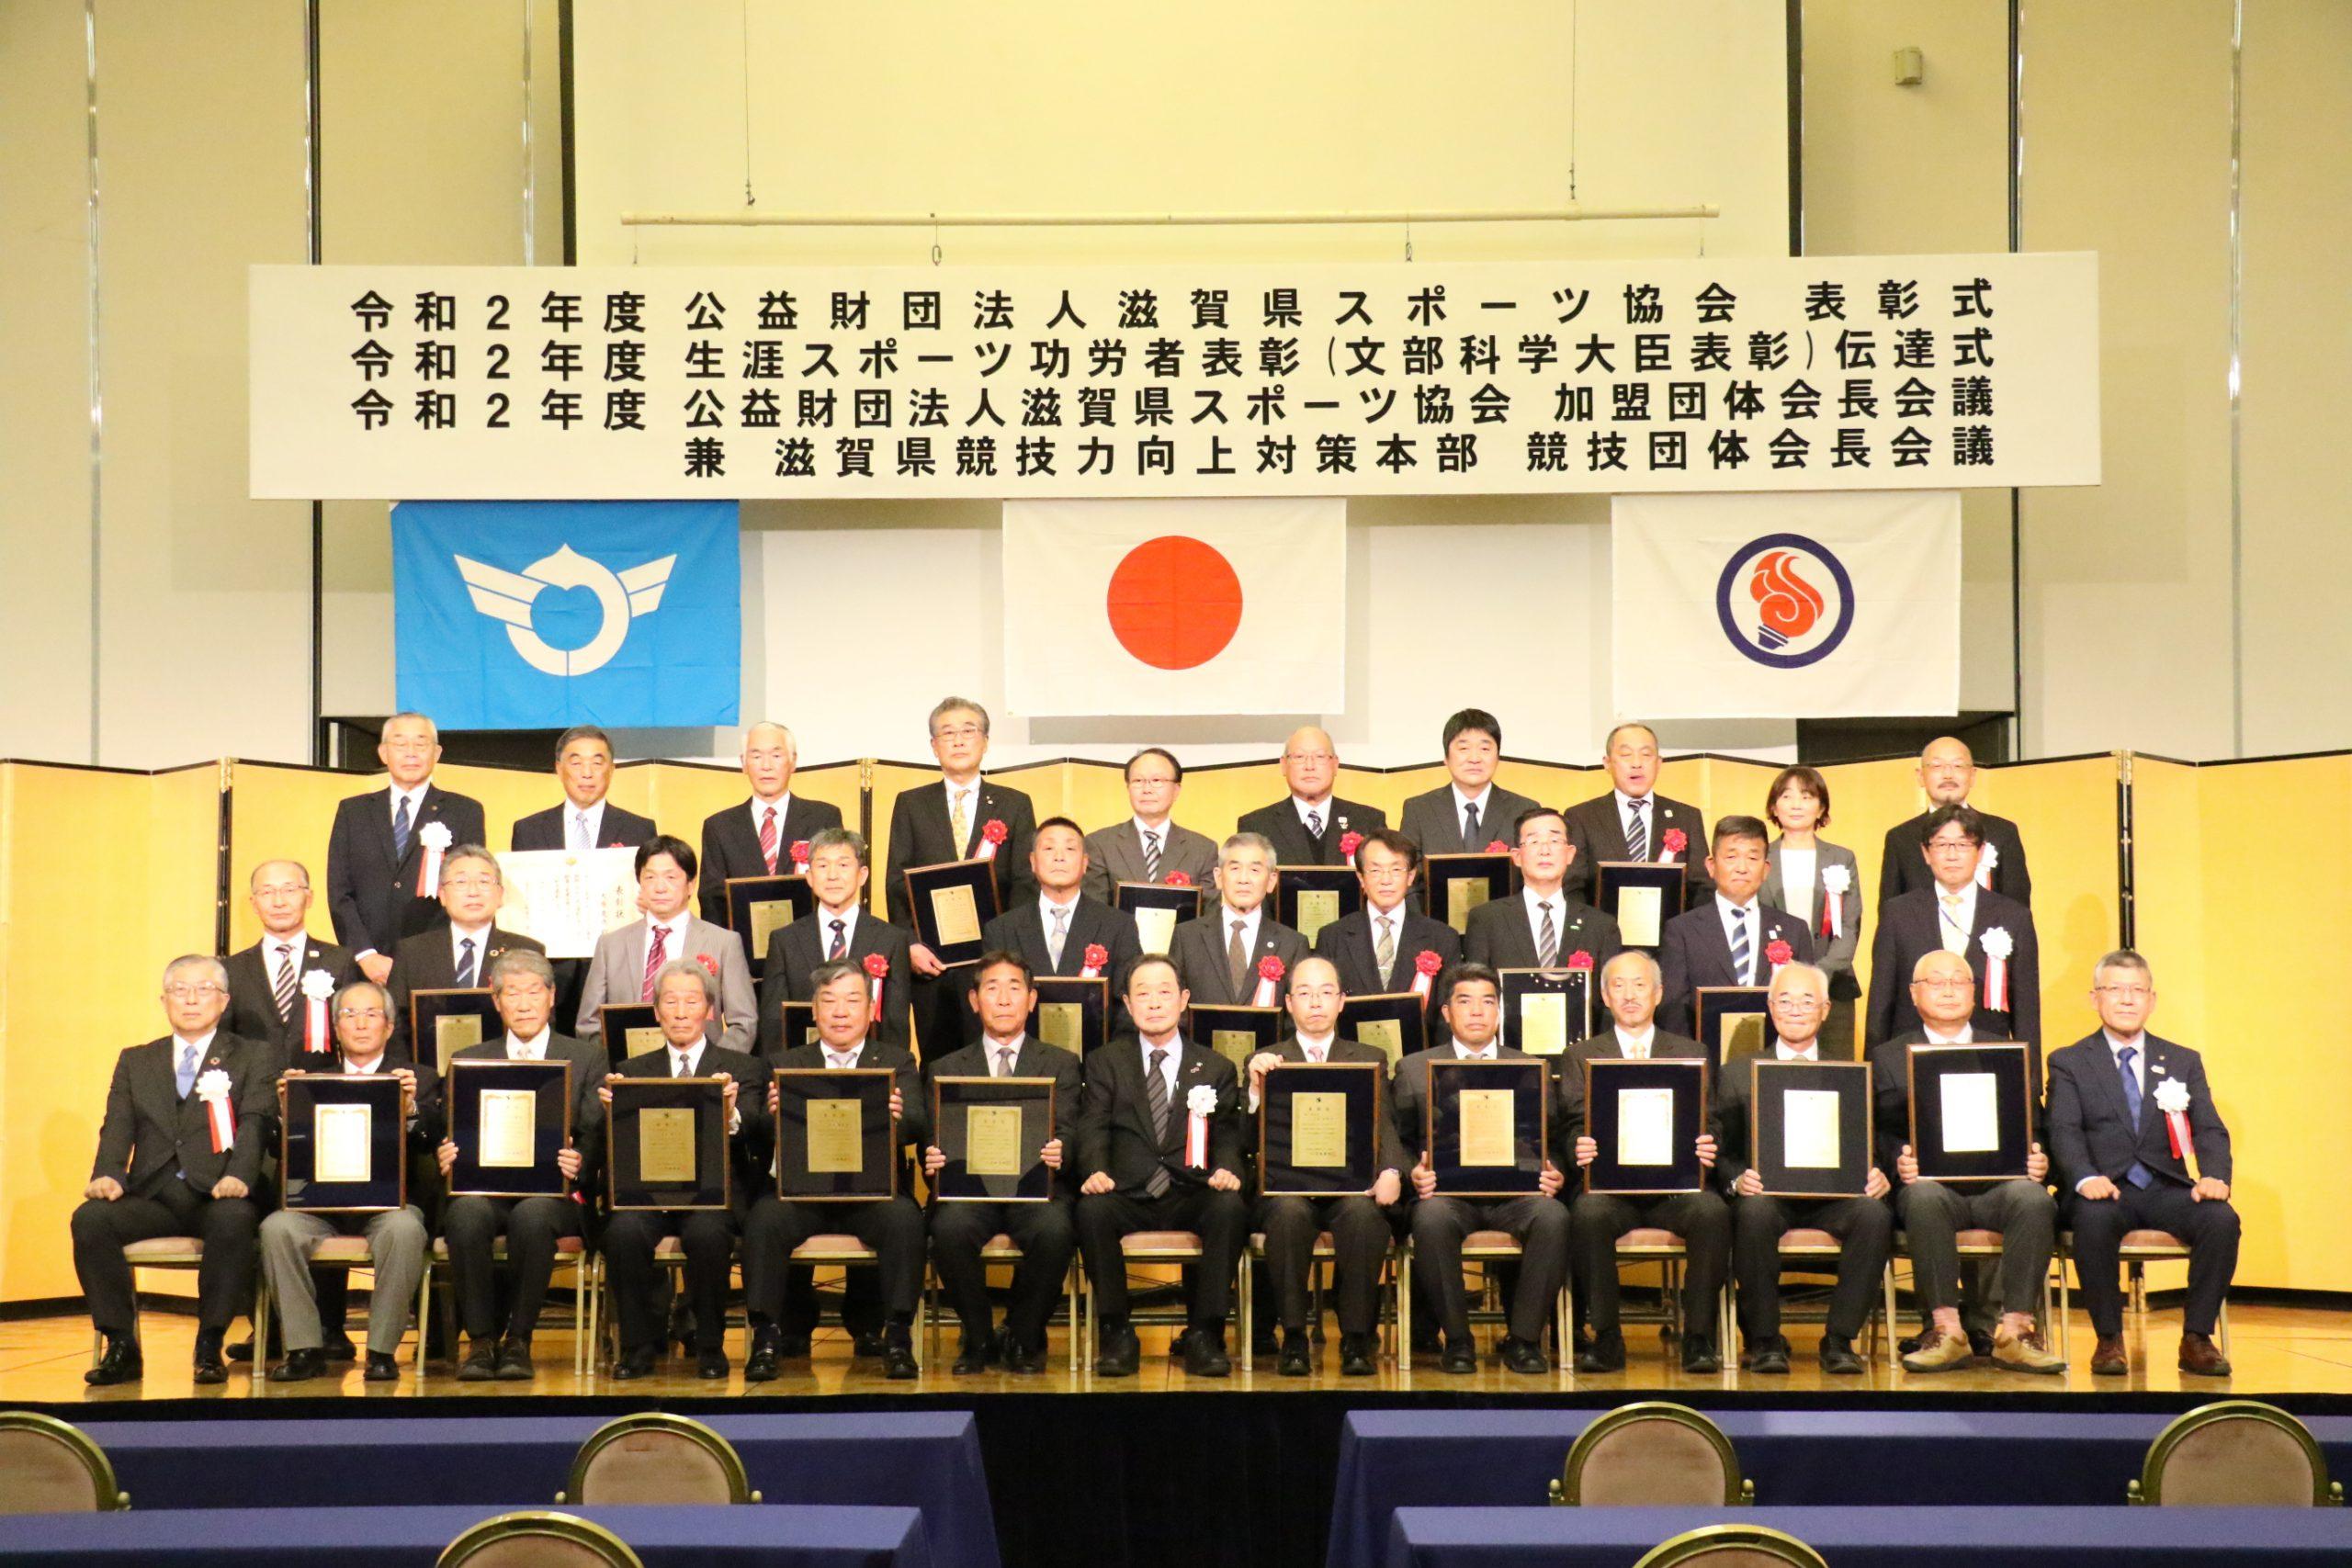 令和2年度公益財団法人スポーツ協会表彰式 生涯スポーツ功労者表彰(文部科学大臣表彰)伝達式